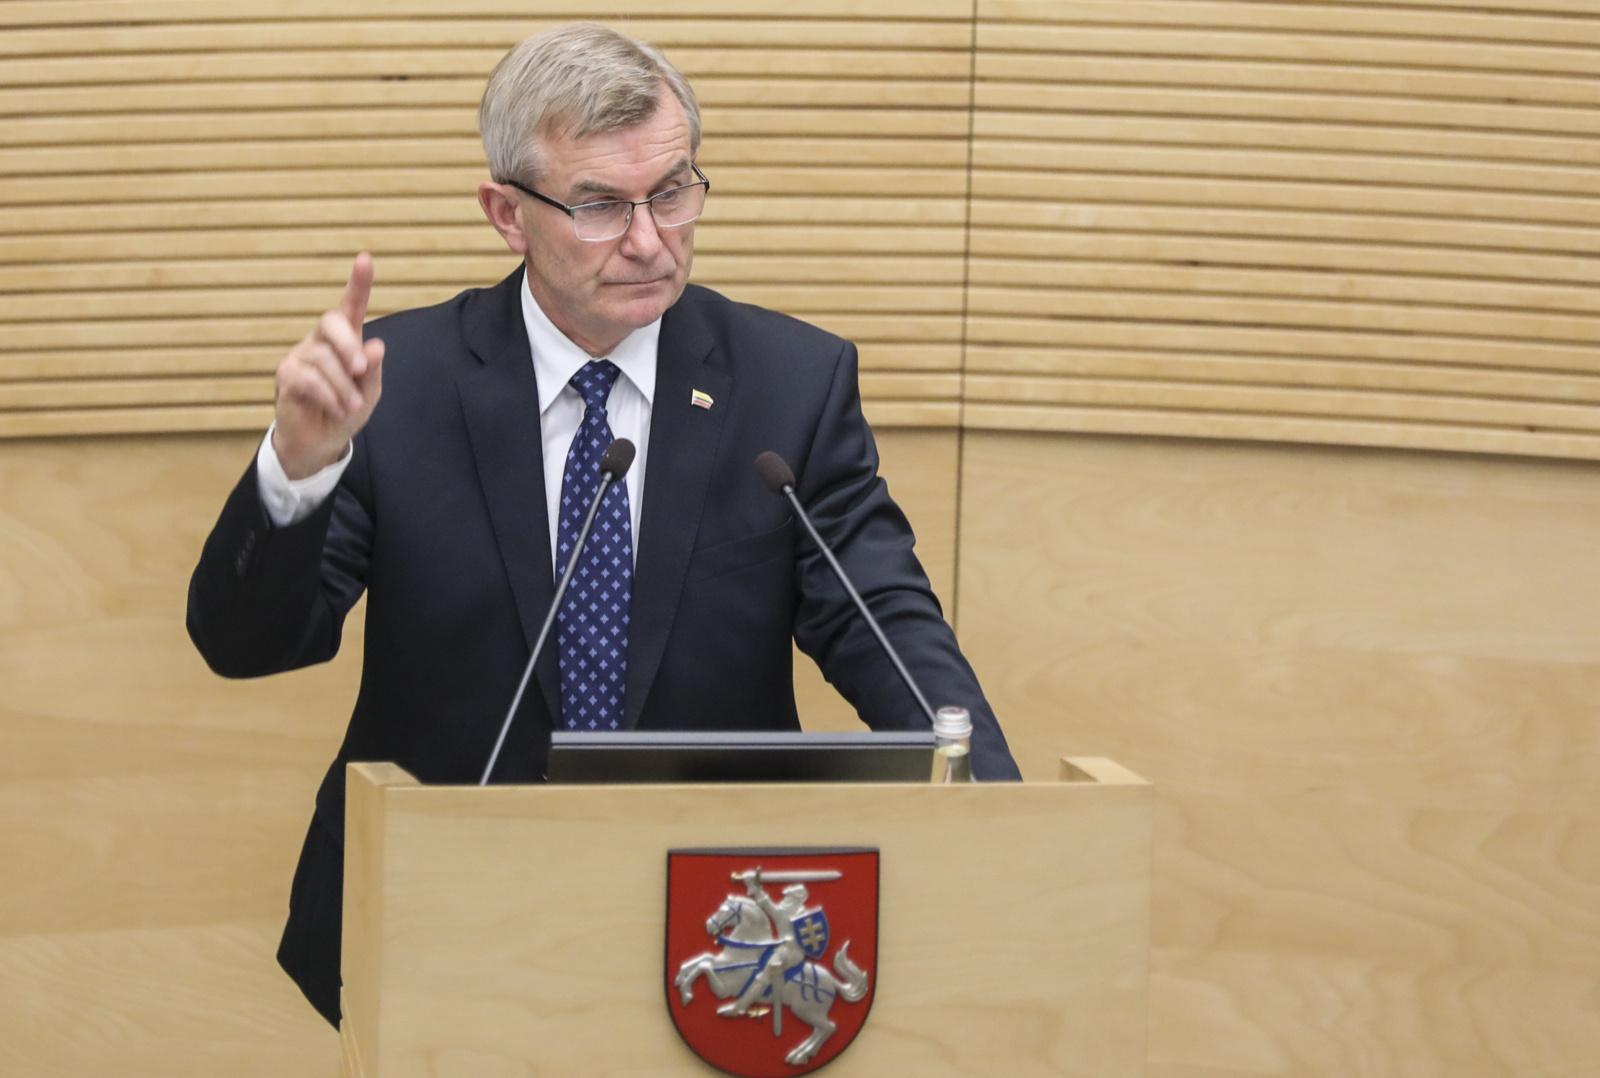 Naujausi reitingai: Seimo pirmininko kėdės istorija didina nusivylimą partijomis